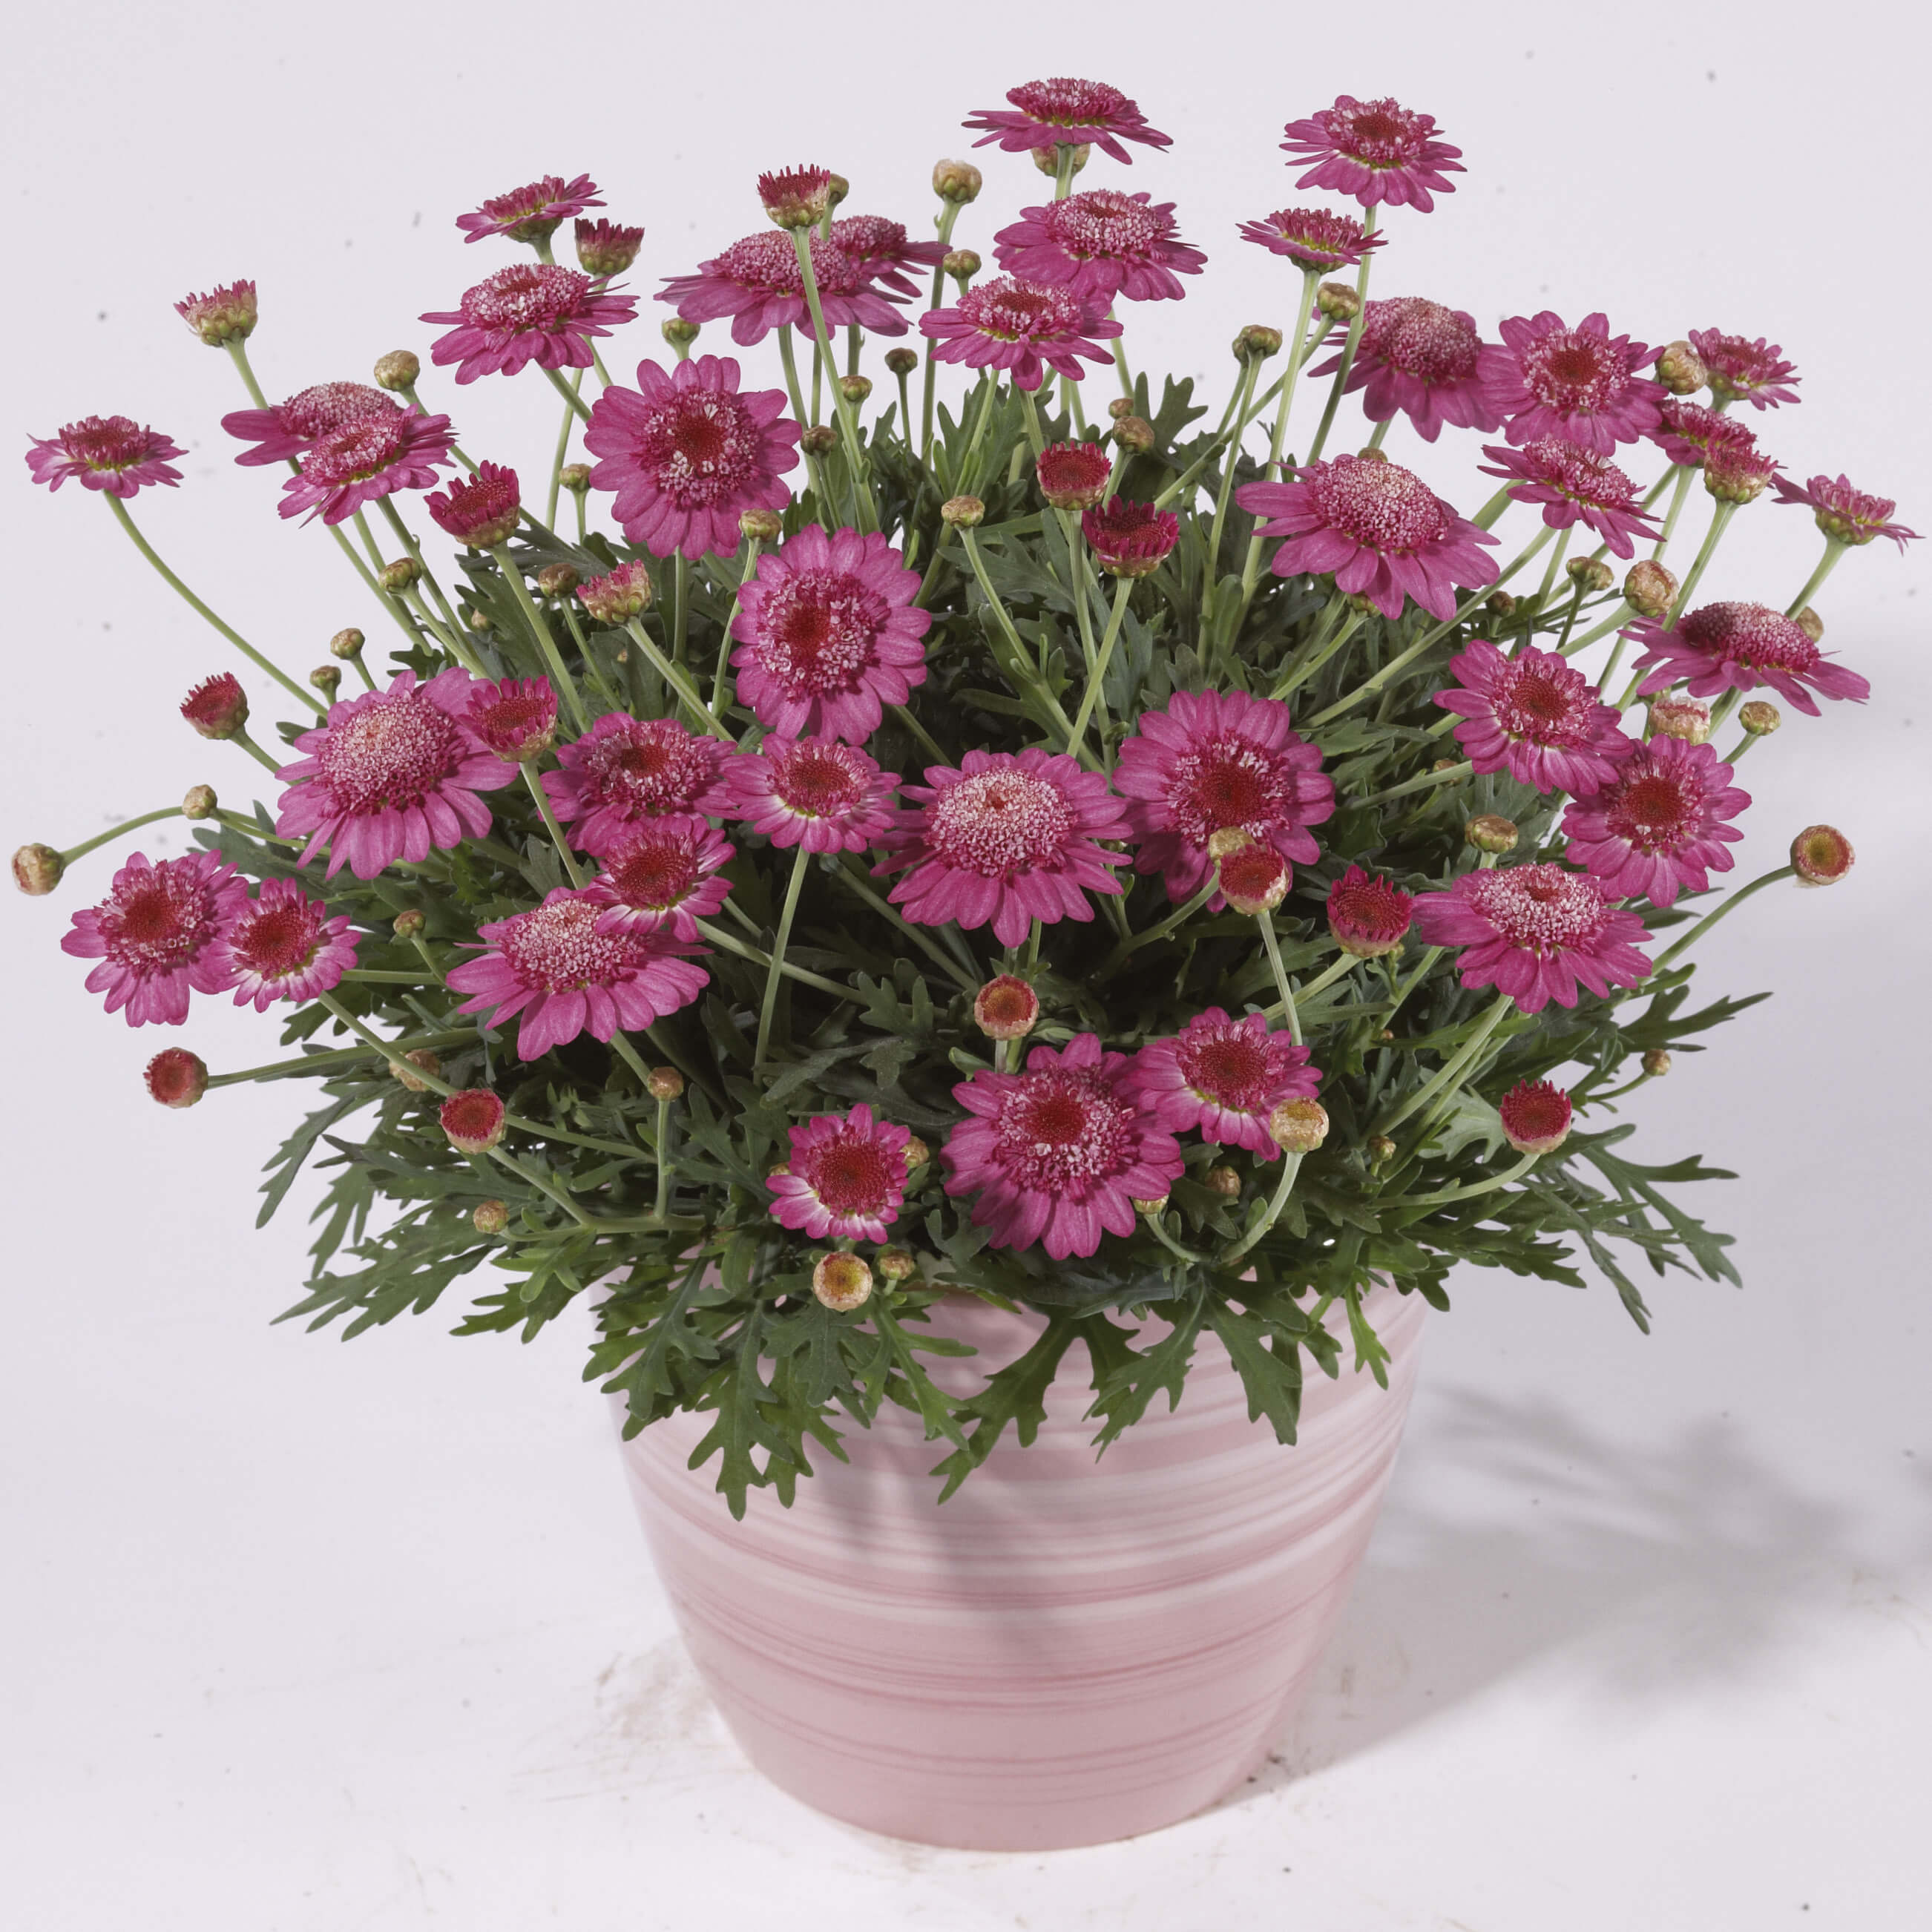 Strauchmargerite (Argyranthemum) 'Dark Pink' gefüllt